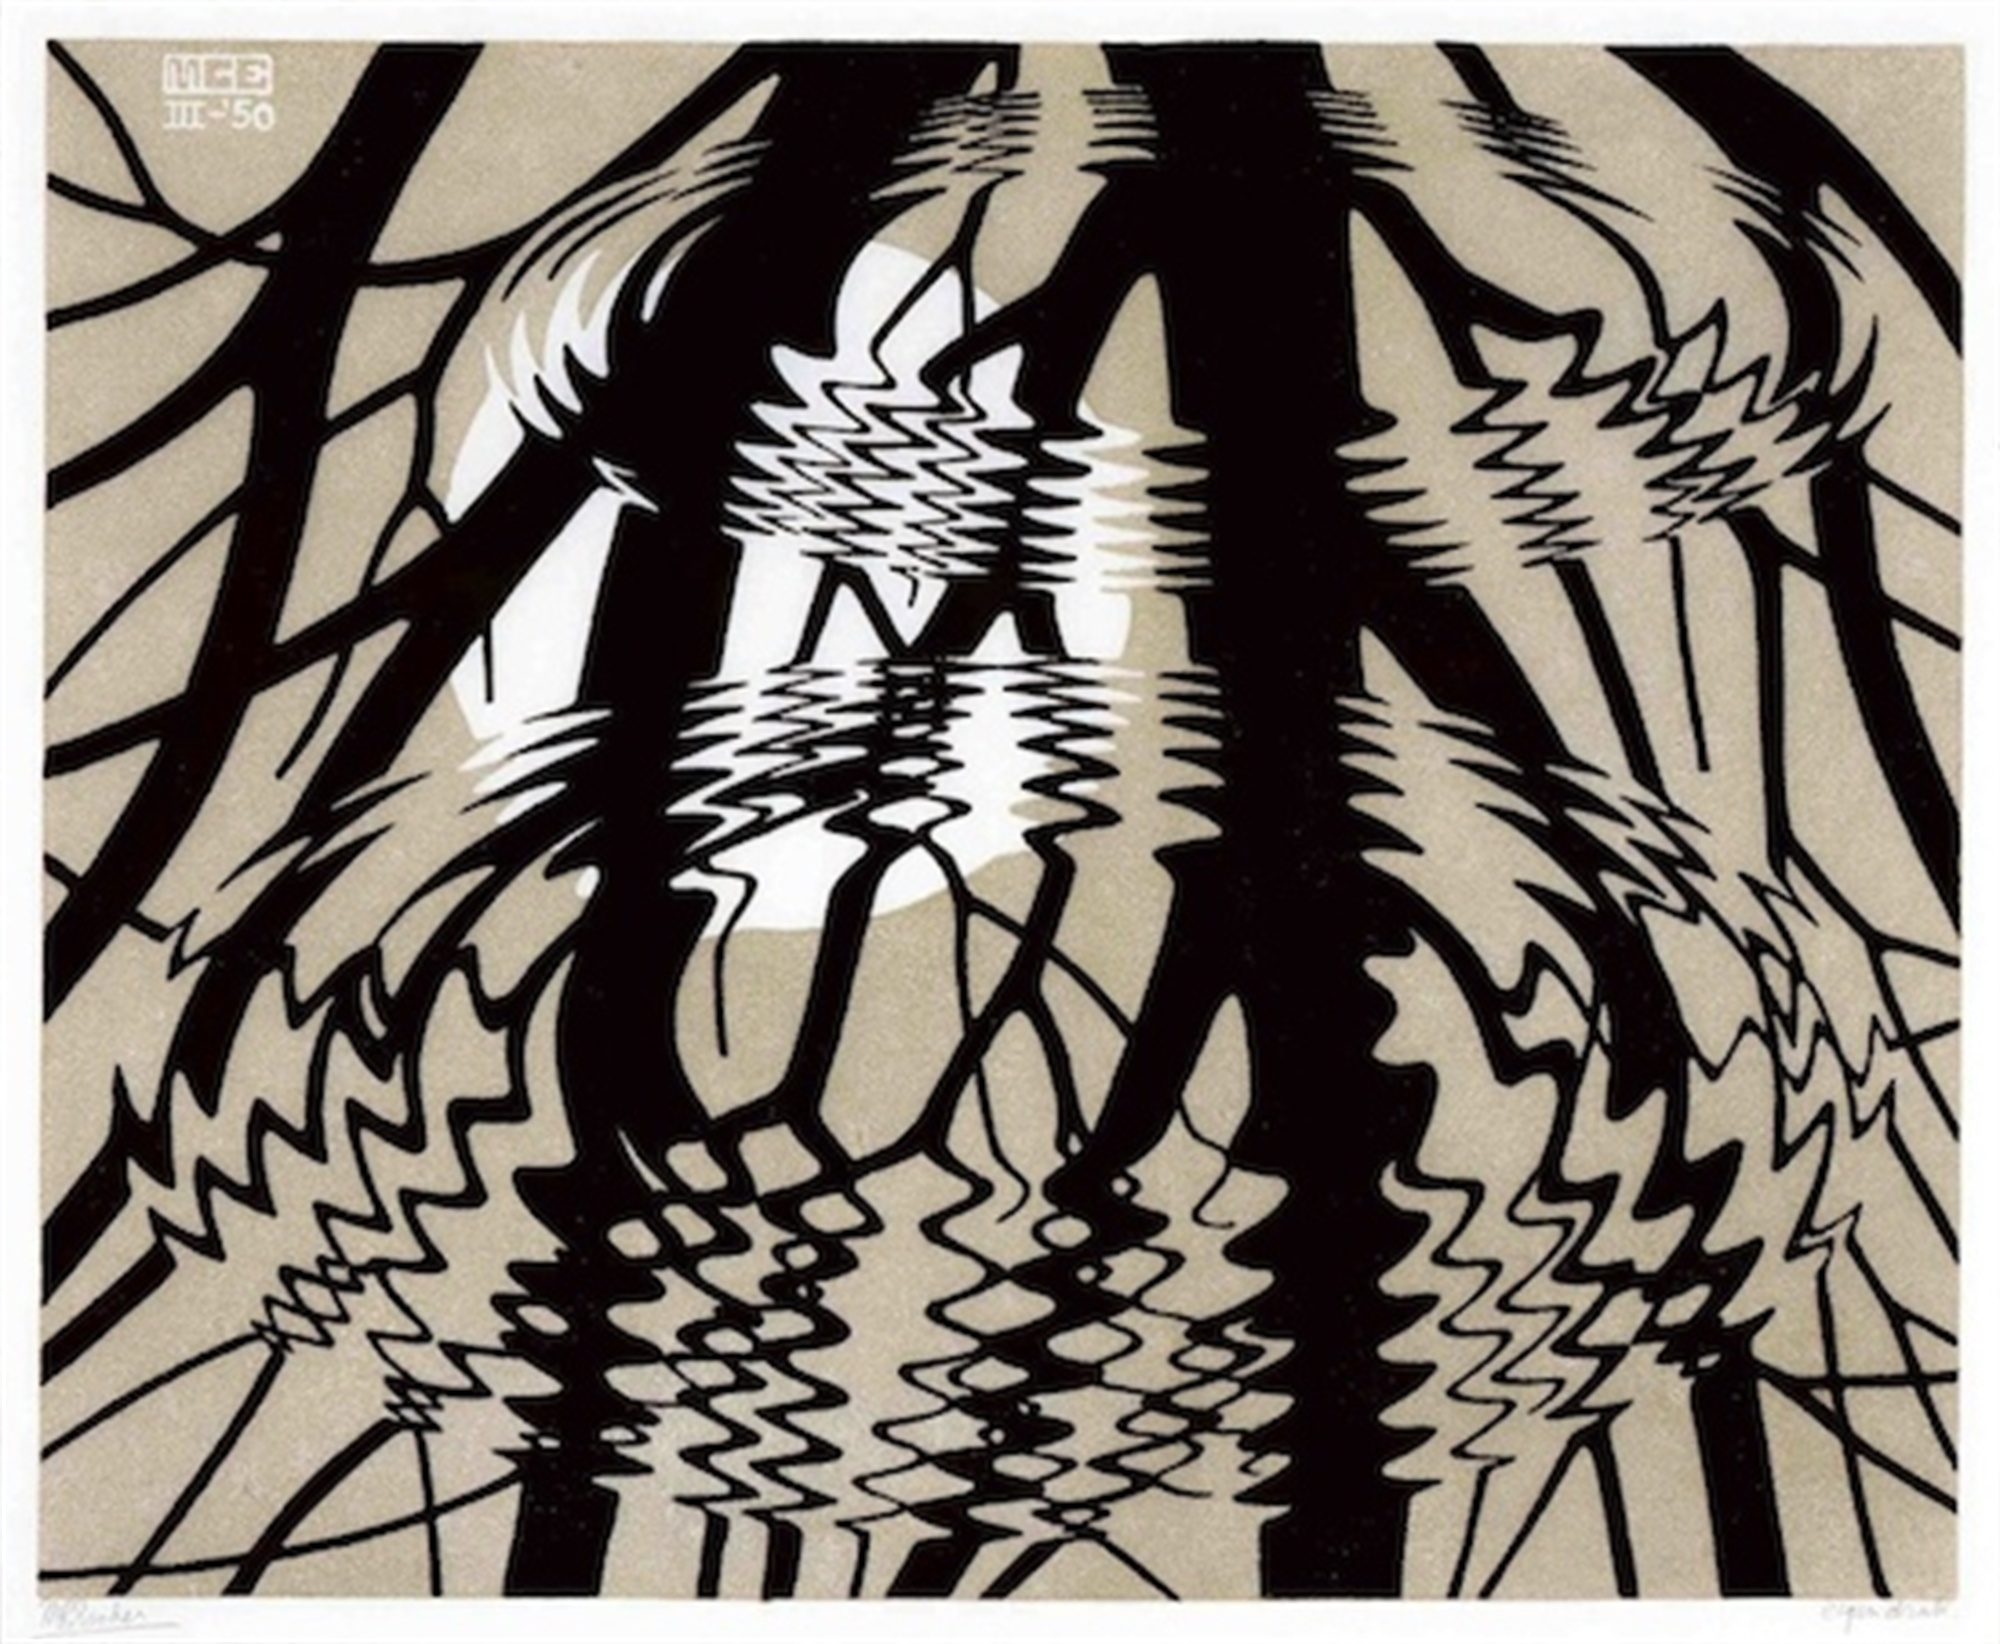 Rippled Surface by M.C. Escher